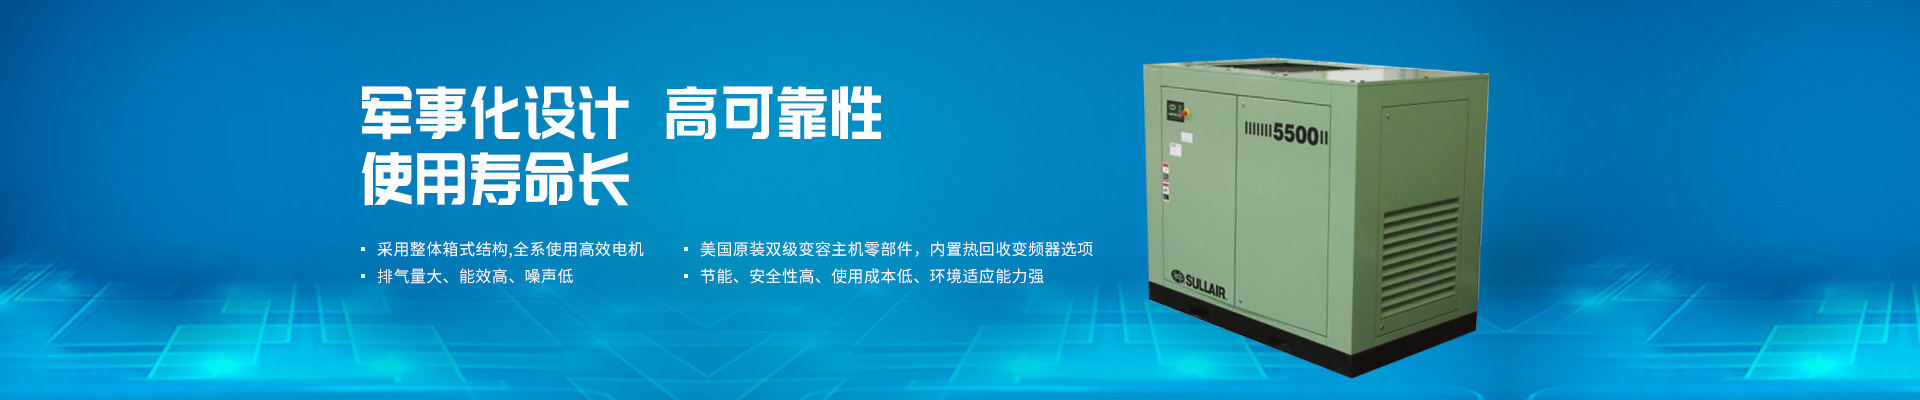 助力企业提高生产效率,降低成本-恒捷机电